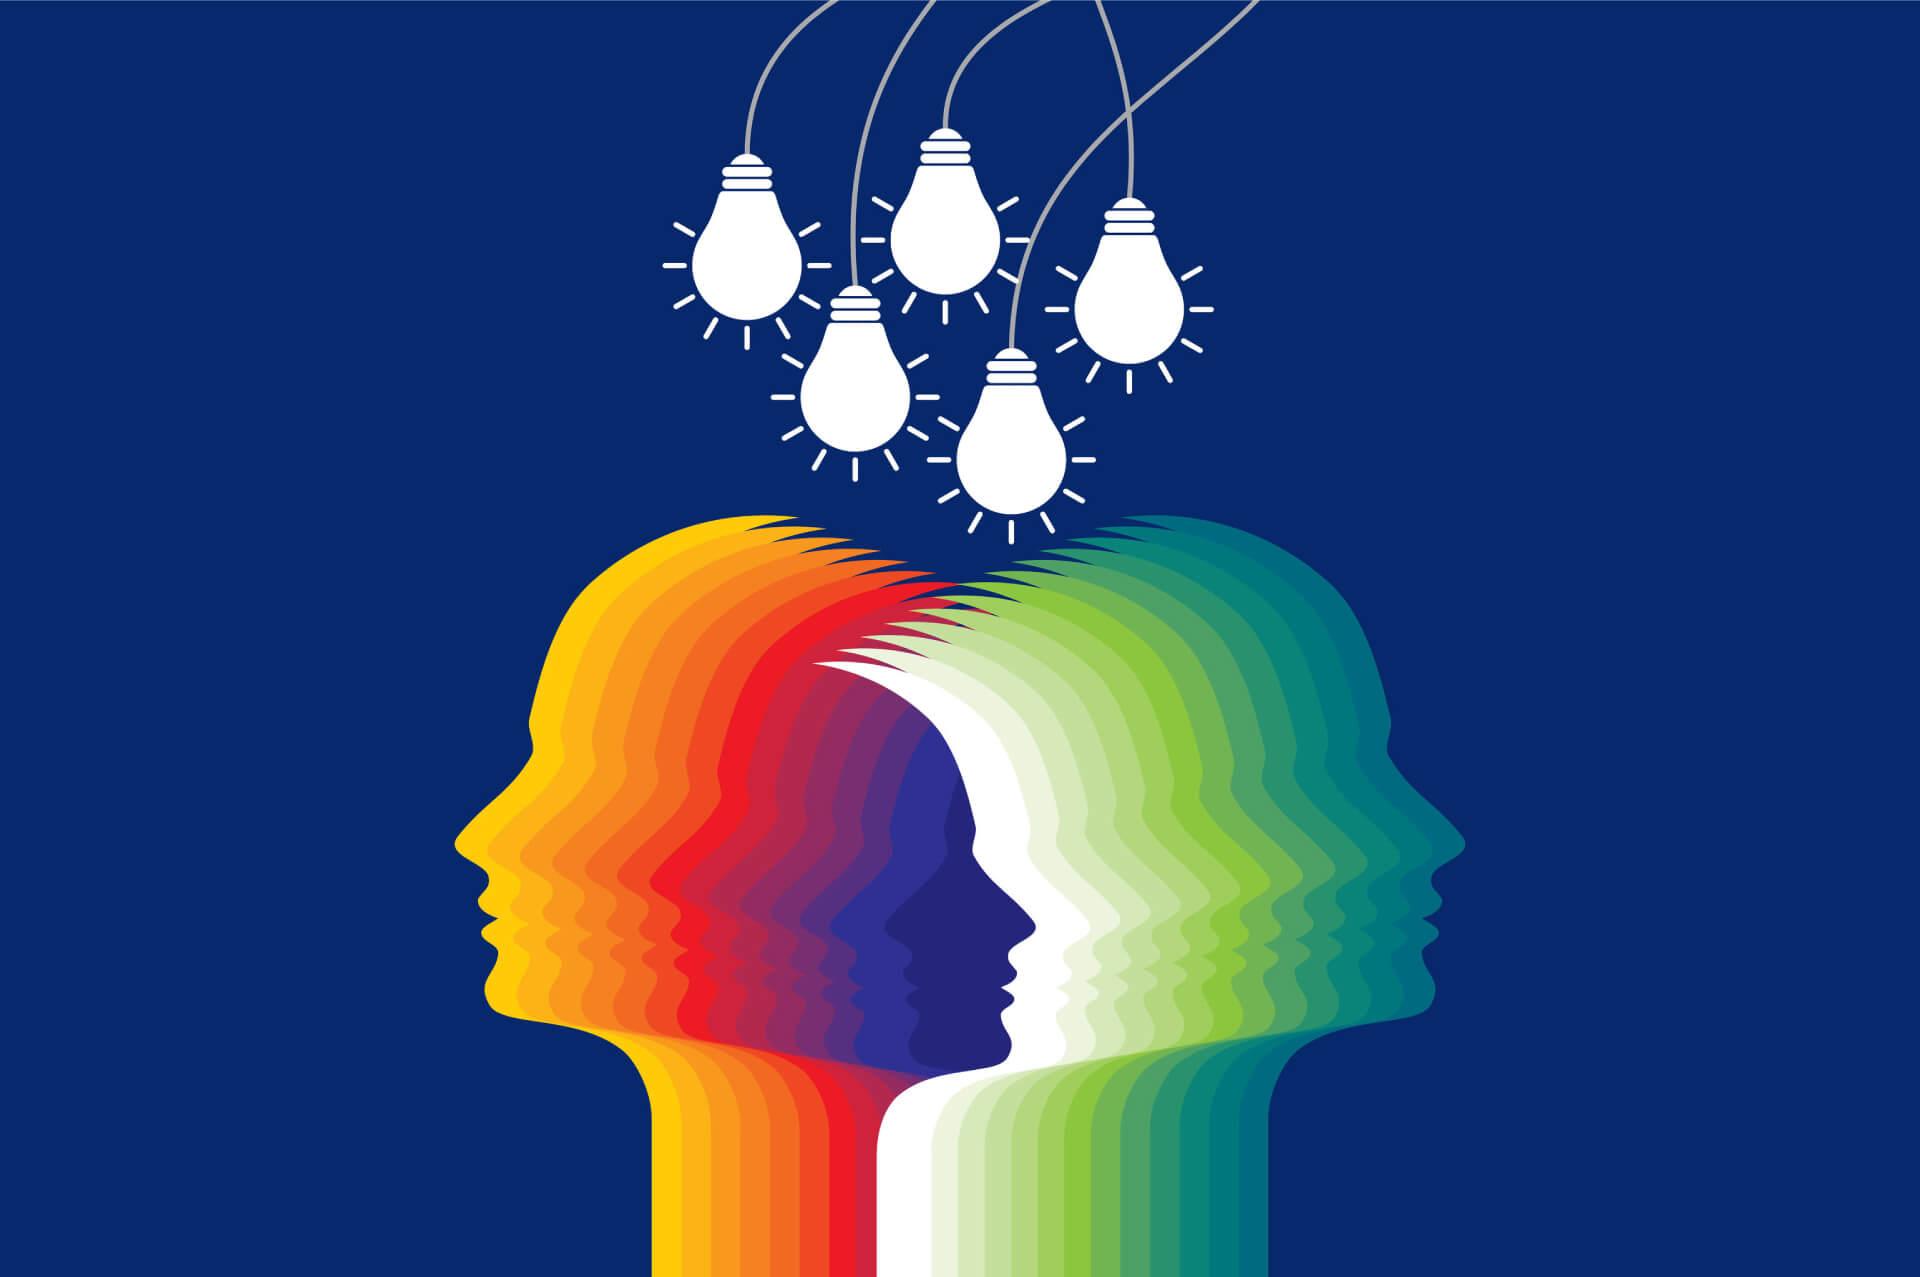 אמפתיה והכלה ומשמעותם במפגש האנושי ובעבודה הטיפולית